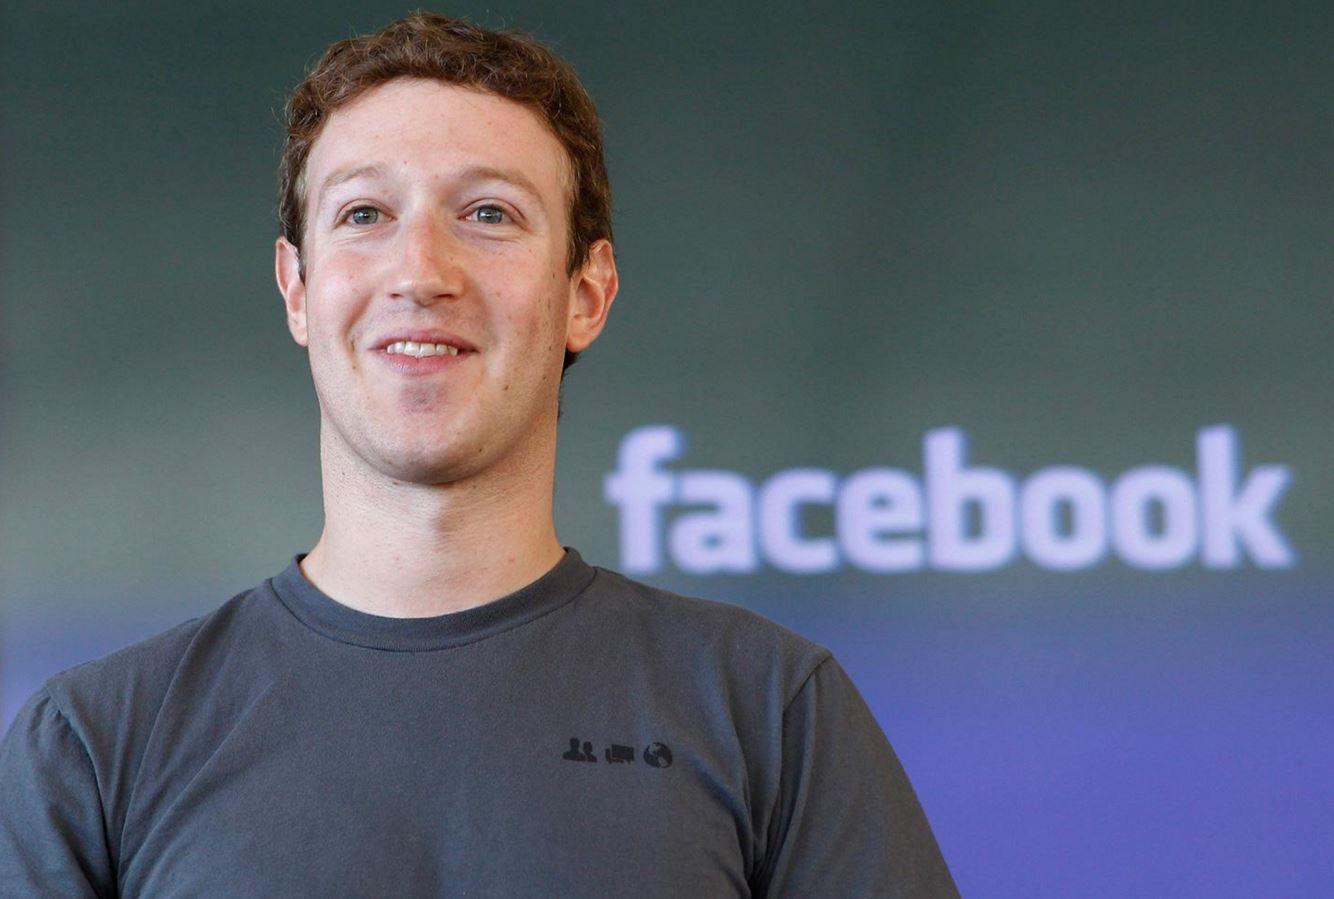 Paternidad: Facebook dará a sus empleados 4 meses de licencia